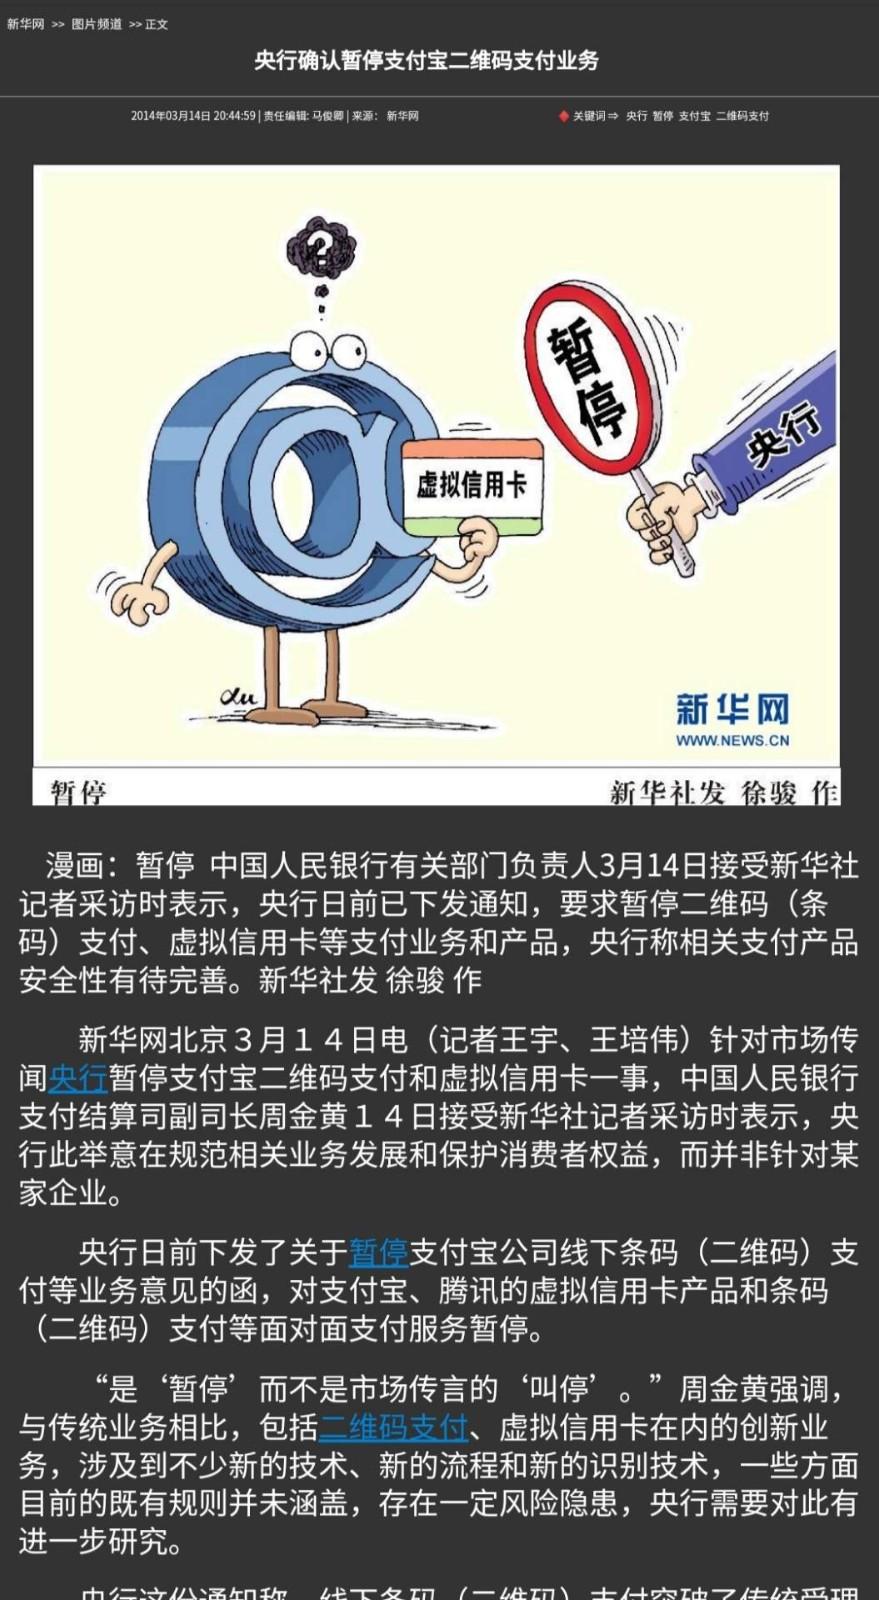 """""""暂停支付宝二维码支付""""是旧闻转新谣_图1-3"""